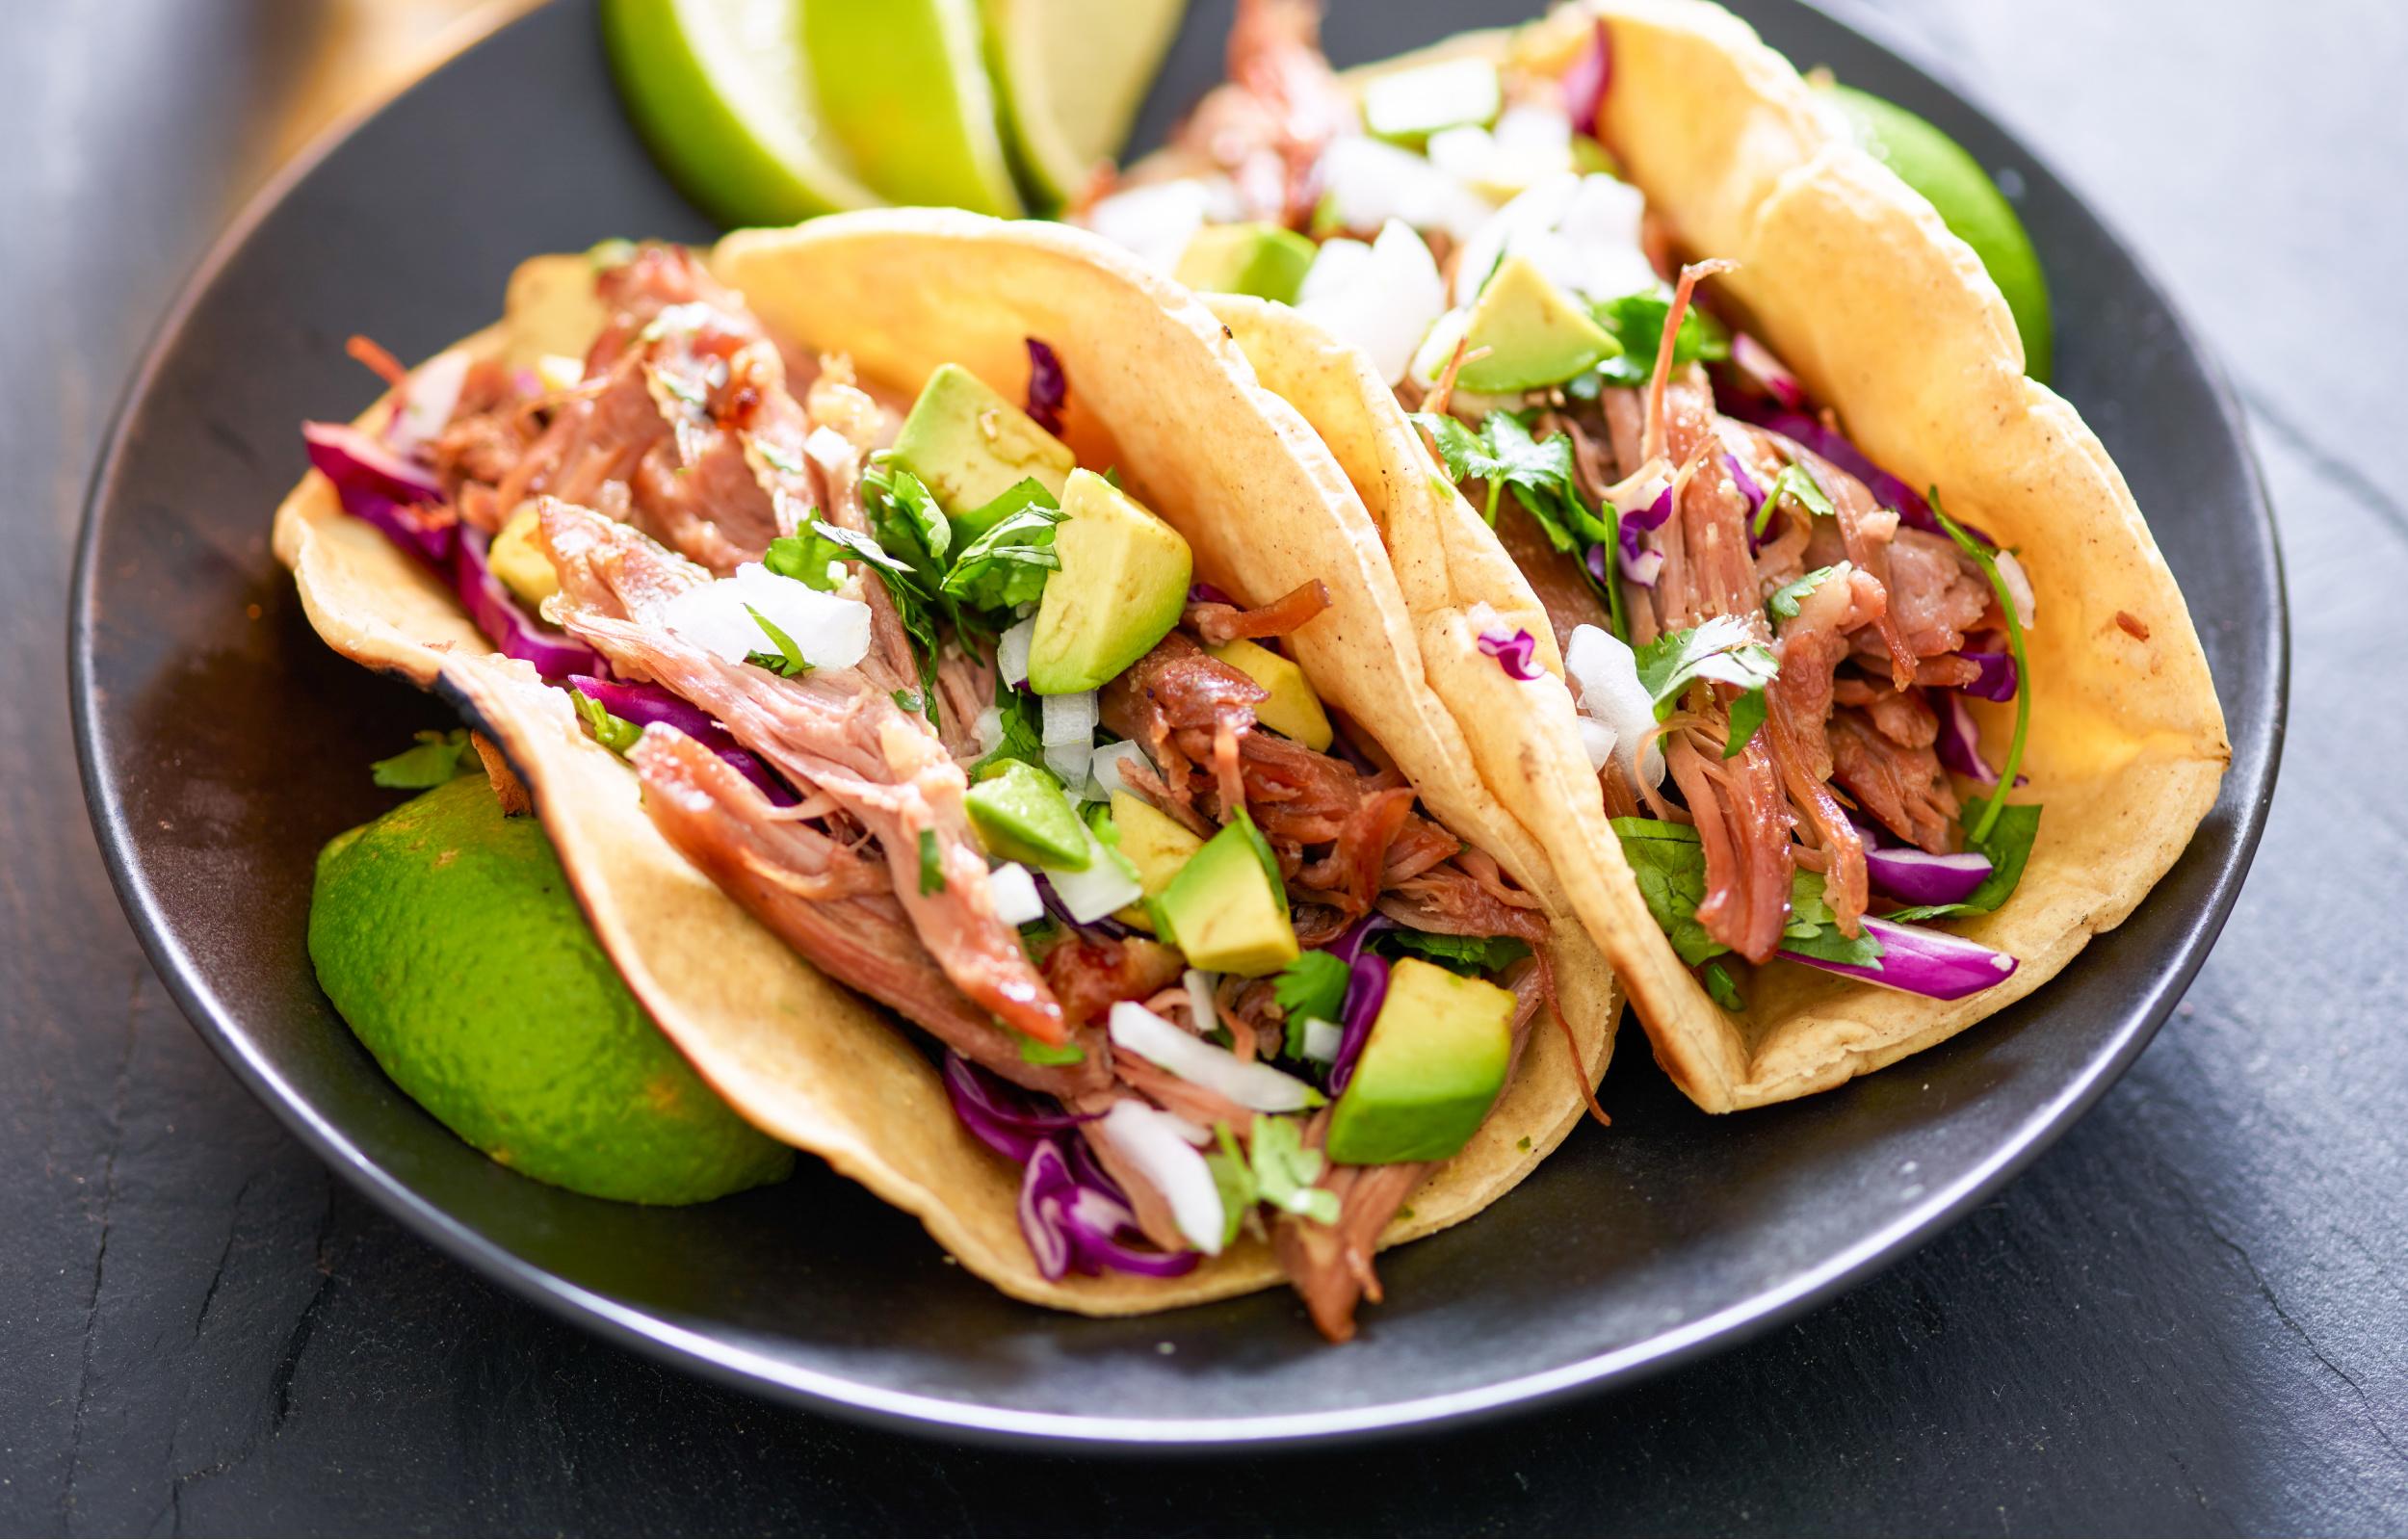 keto carnitas tacos with keto tortillas